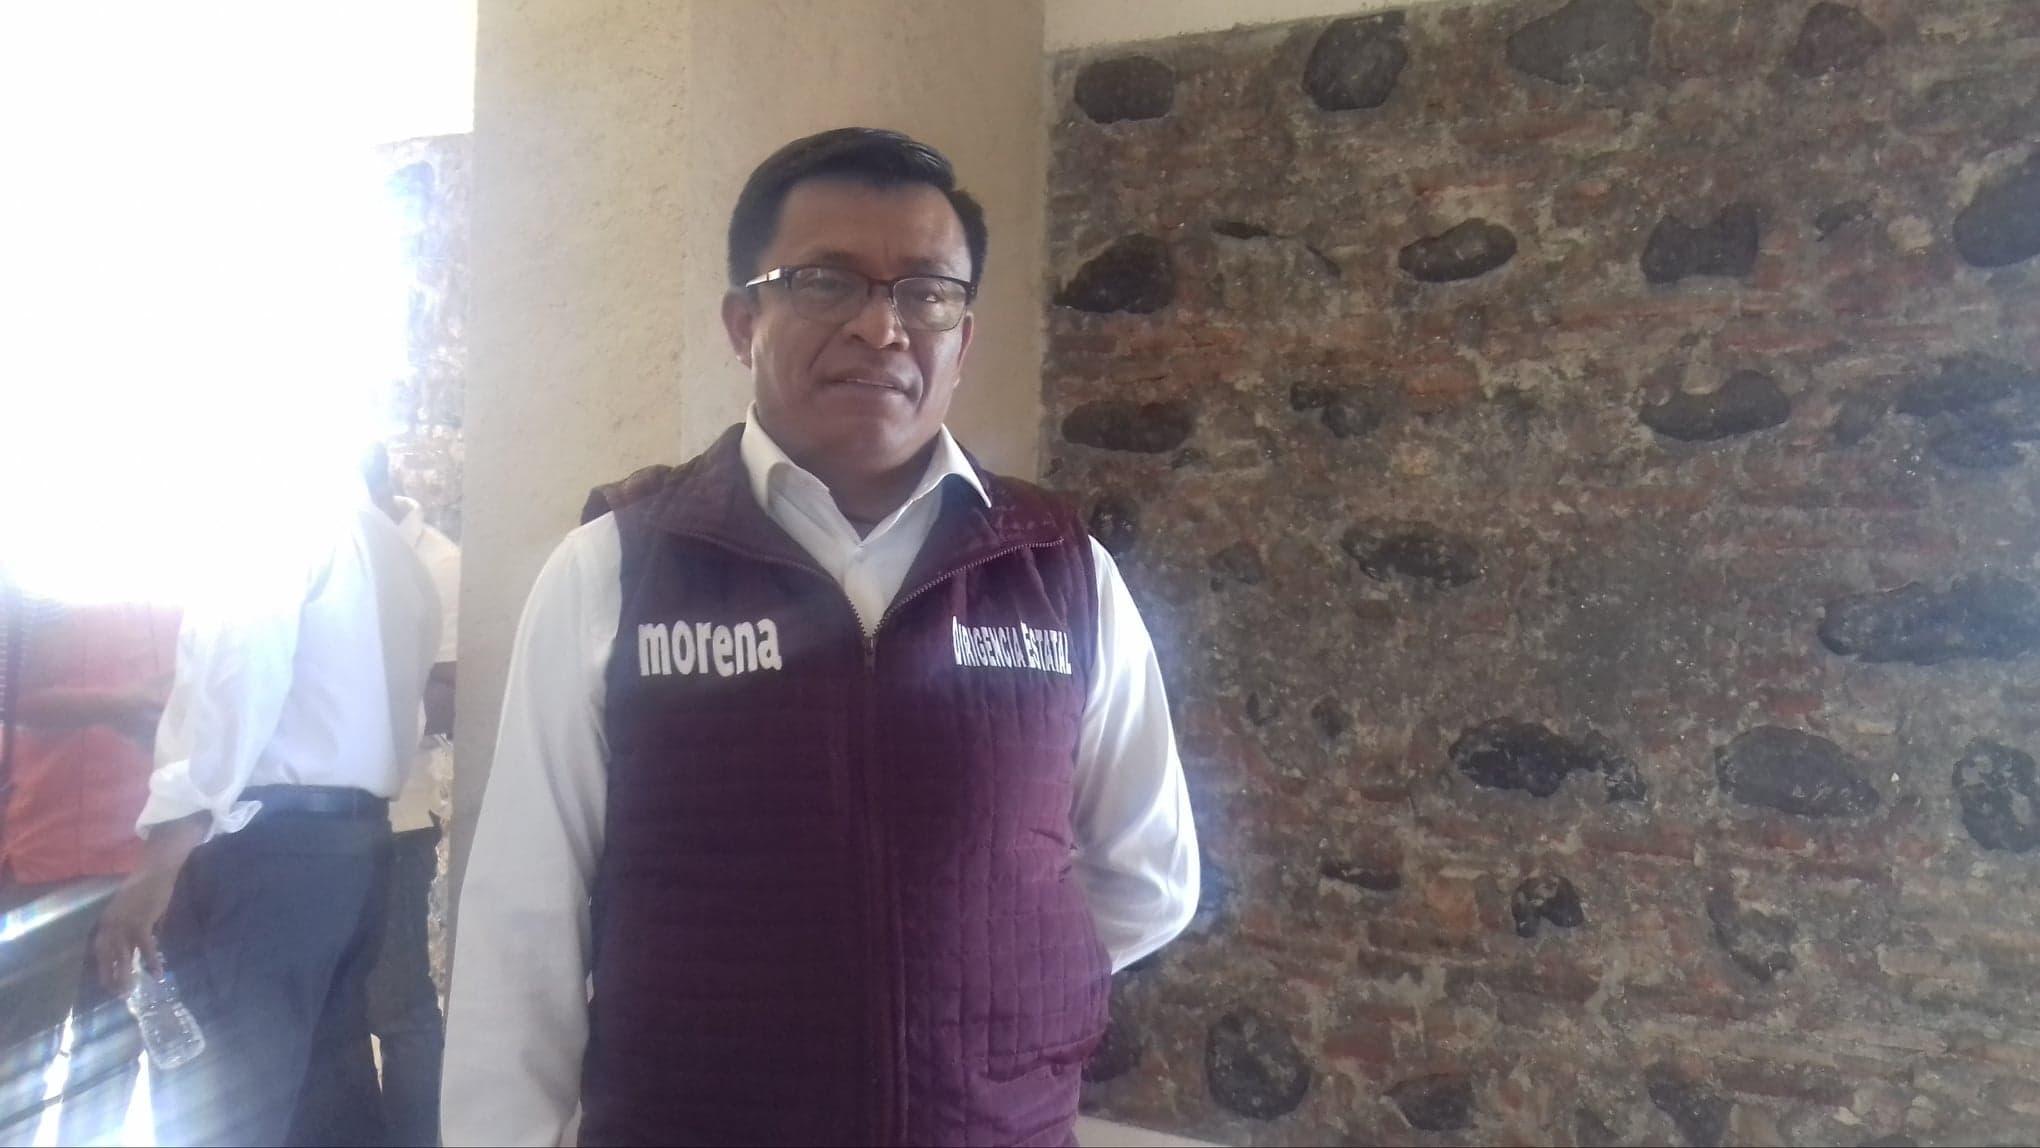 De encuesta saldrá candidato de Morena en Puebla: Garmendia